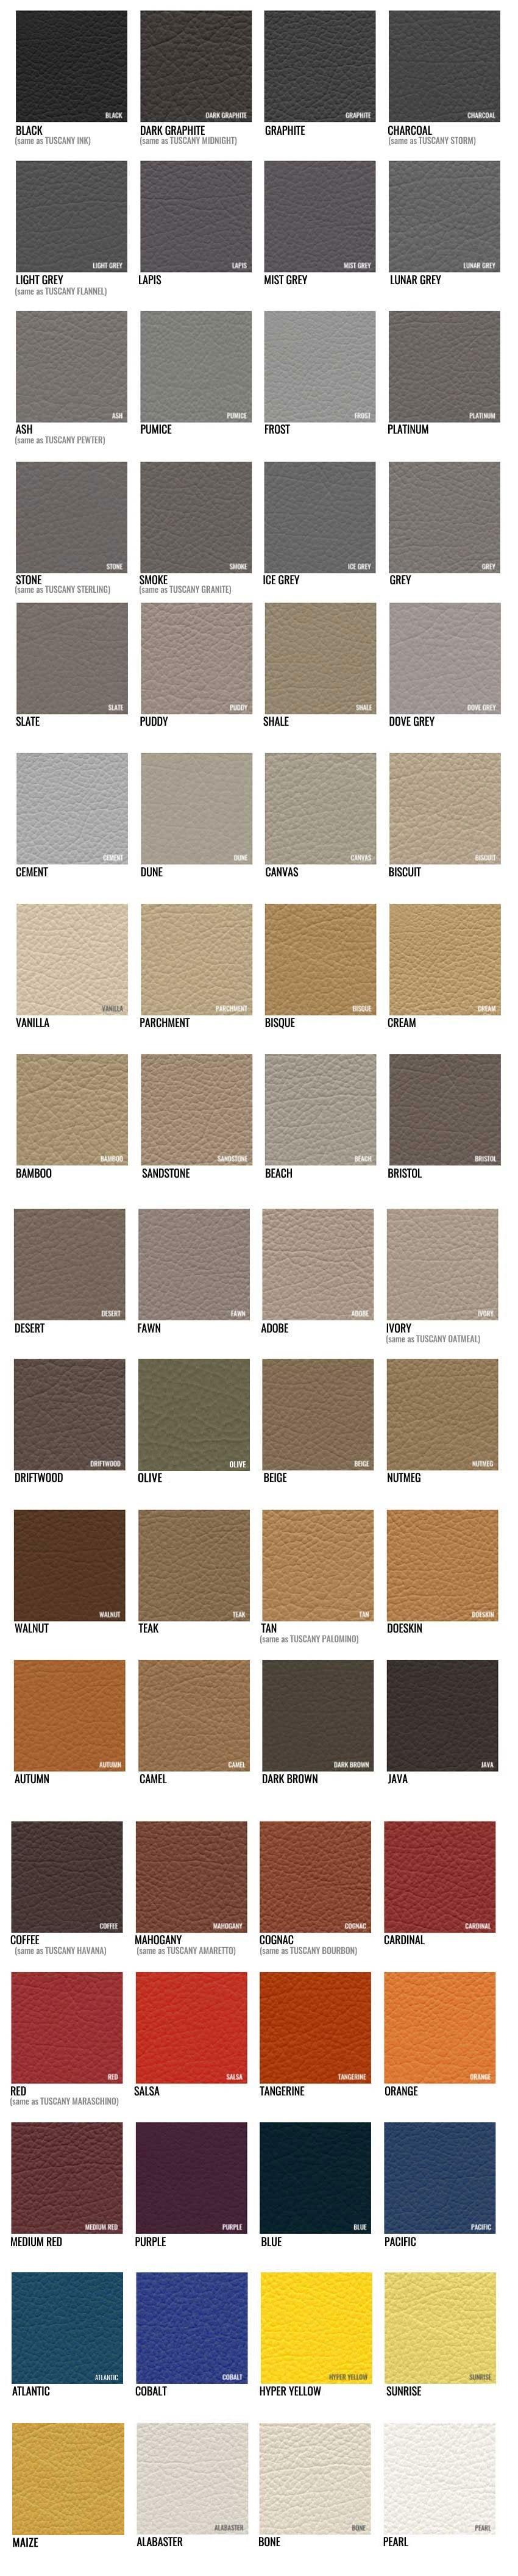 katzkin color samples shopsarcom